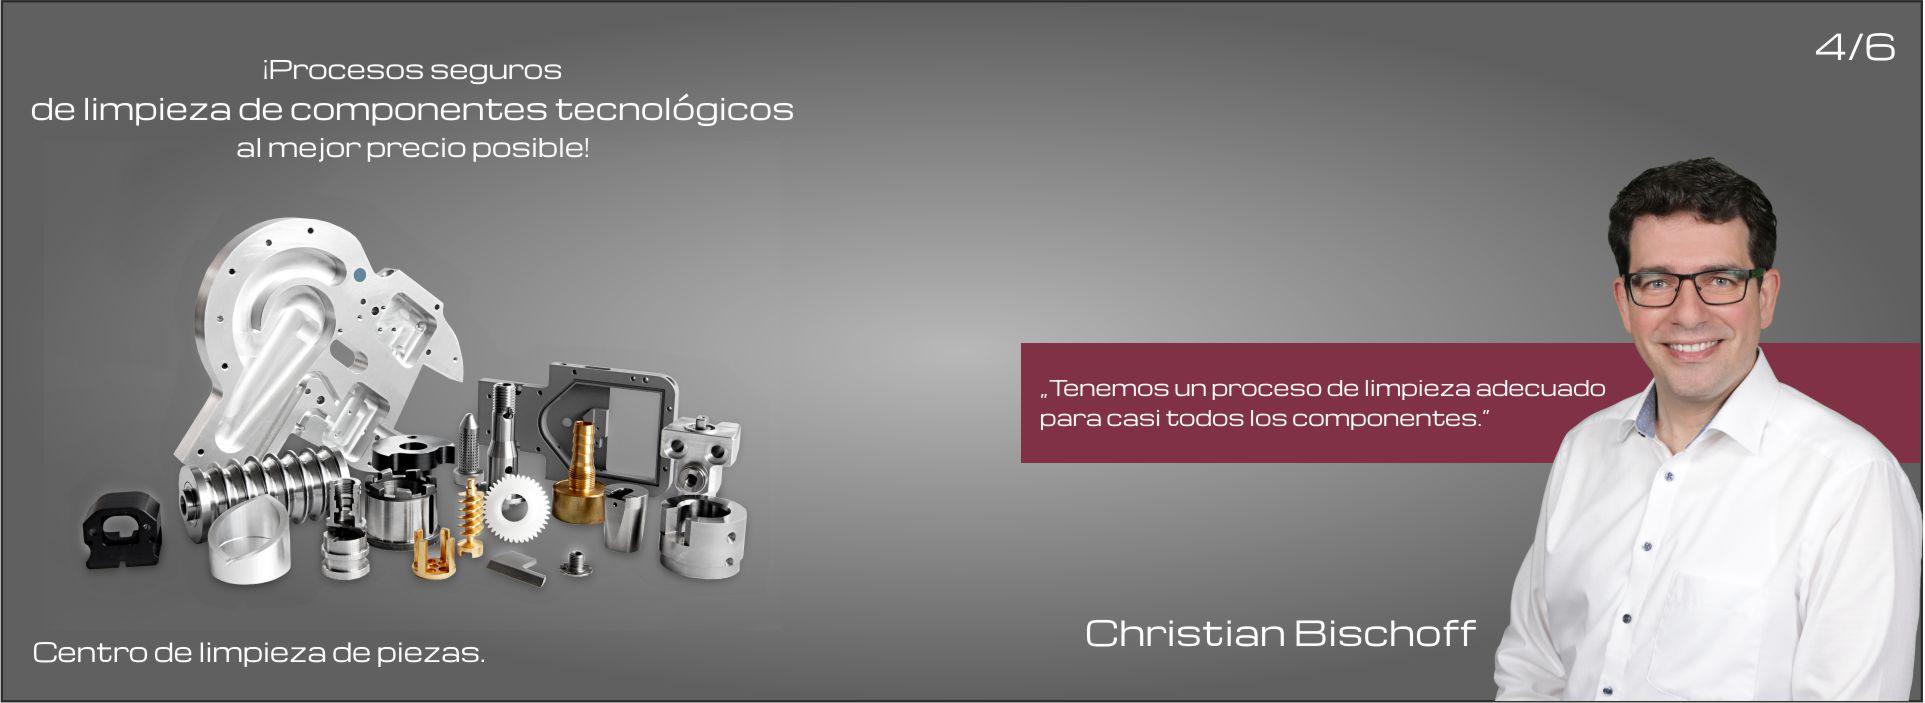 Christian Bischoff HeaderbildES